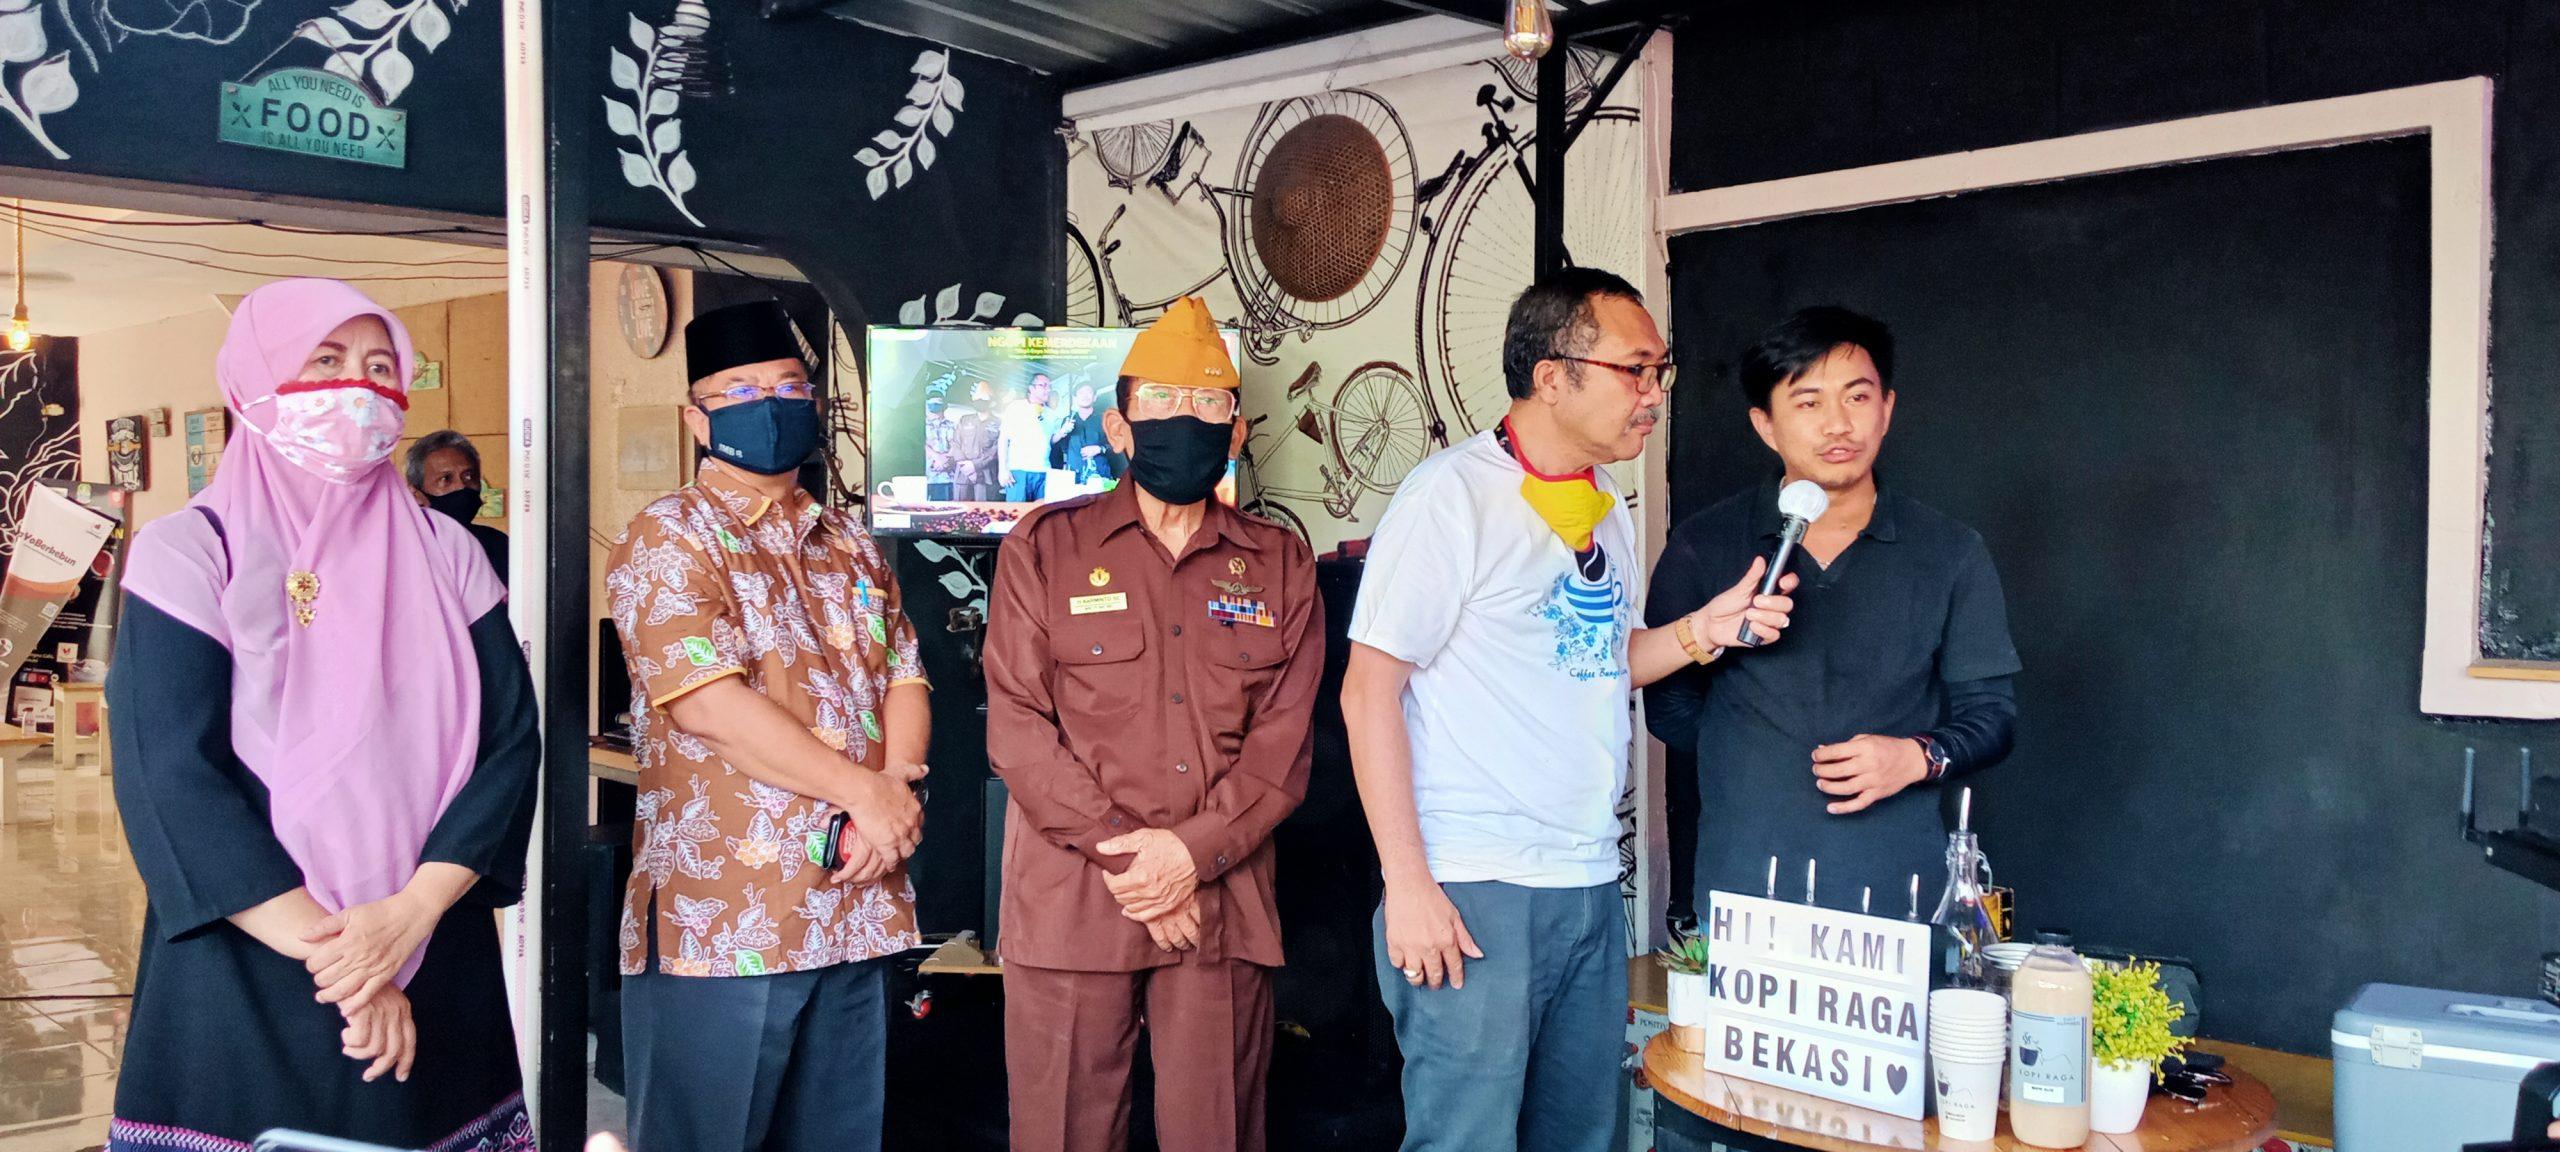 Pemerintah Kota (Pemkot) Bekasi Gandeng Penggiat Usaha Mikro atau Usaha Mikro Kecil, dan Menengah (UMKM) Kopi di Kota Bekasi, Usung Tema Ngopi Kemerdekaan, Minggu, (30/8).